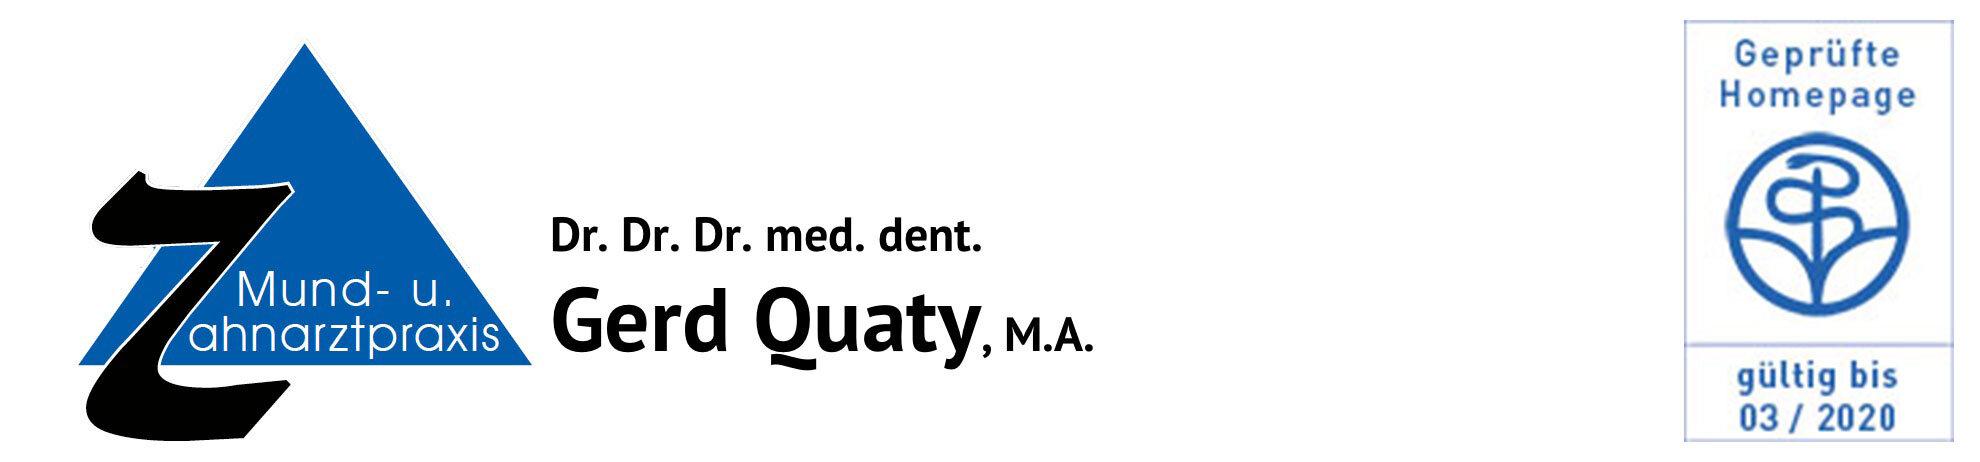 Dr. Quaty Logo